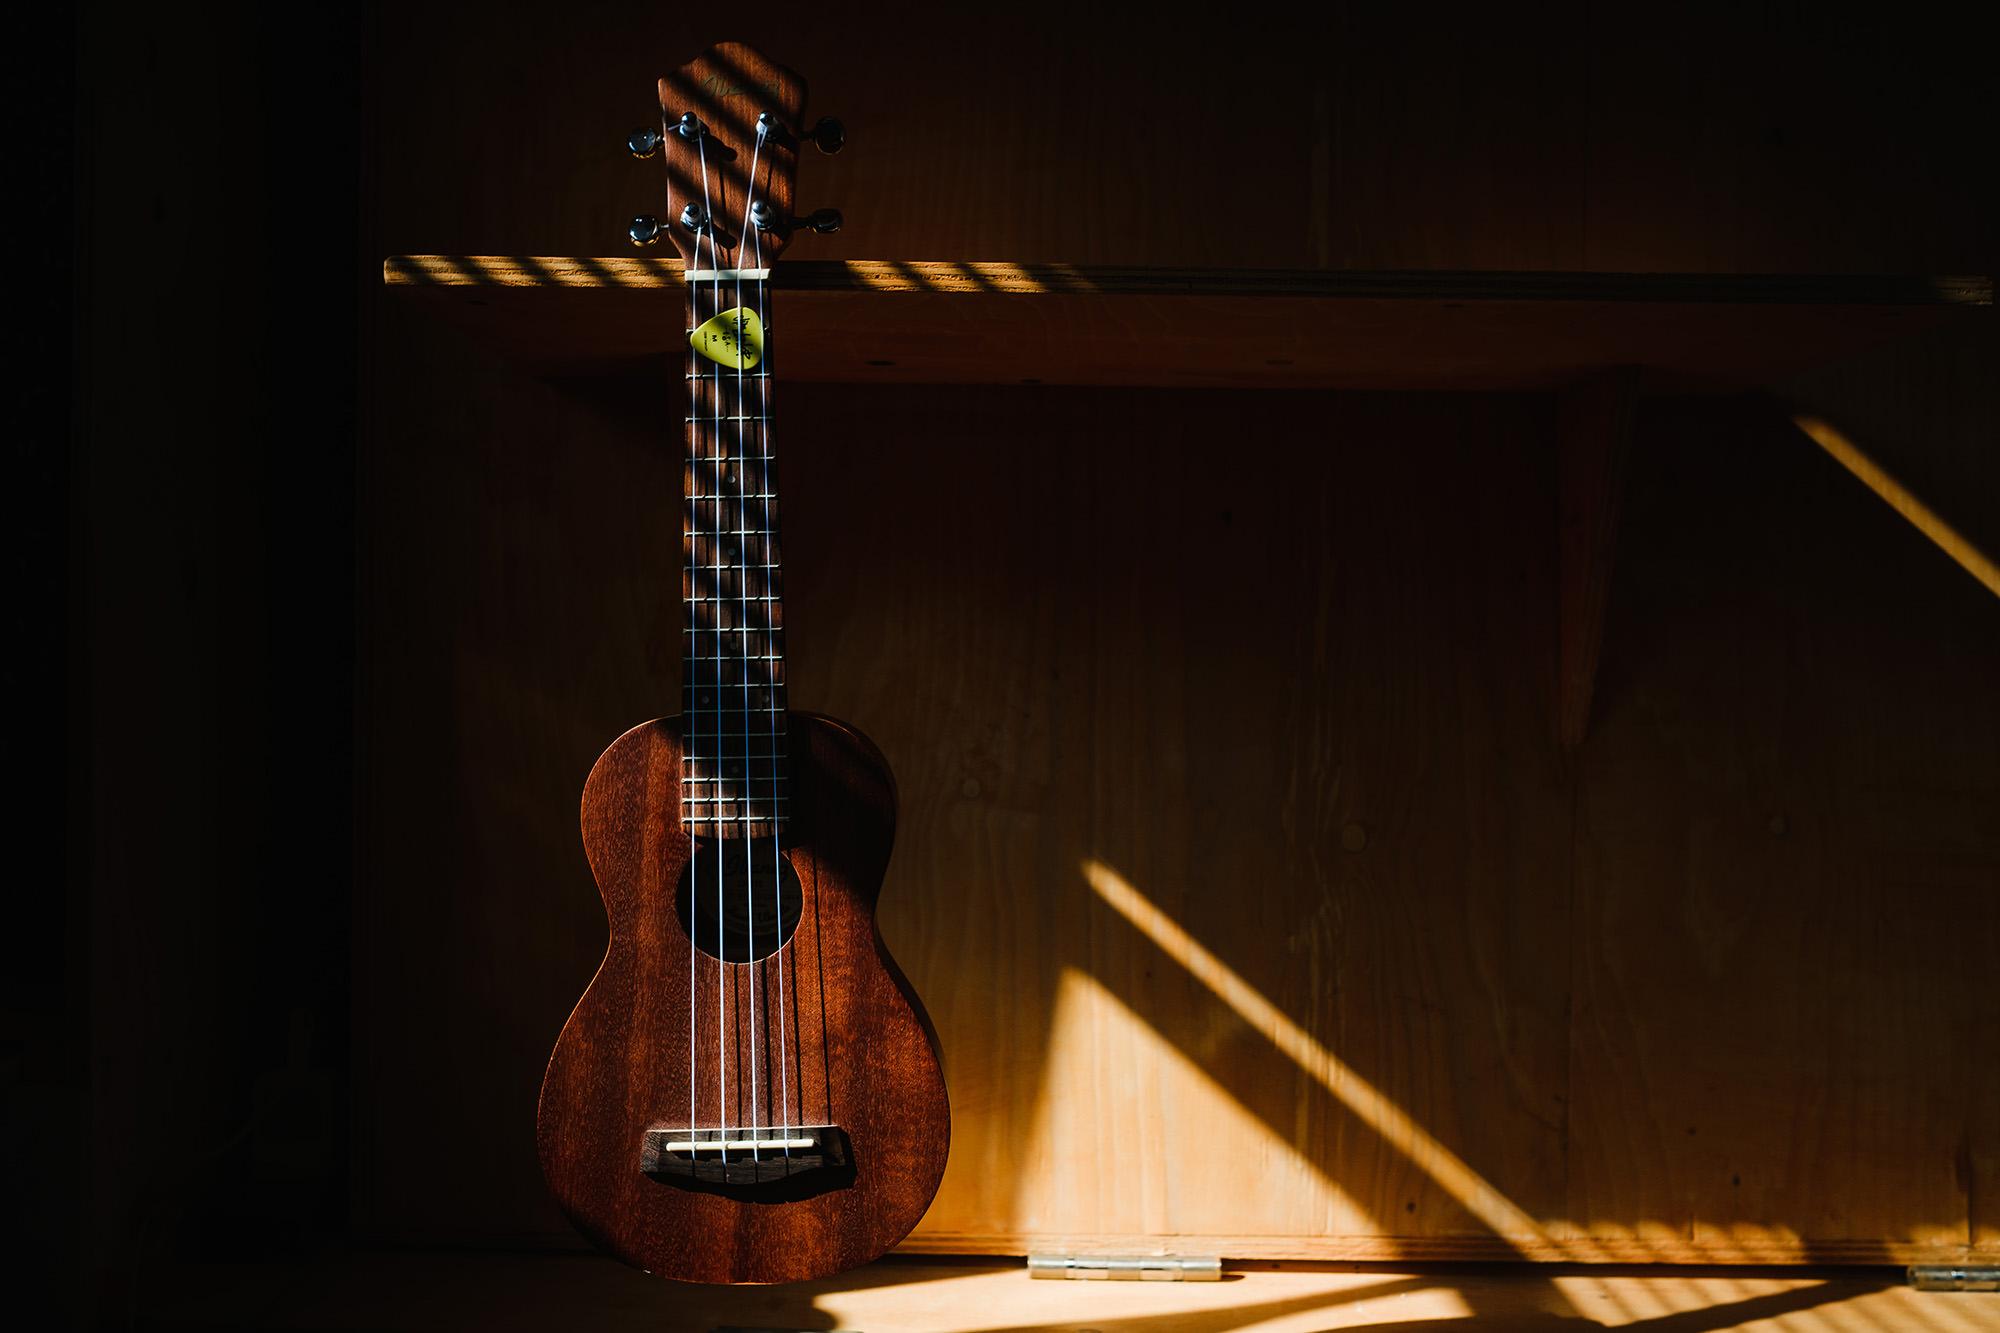 ukulele in the sunshine